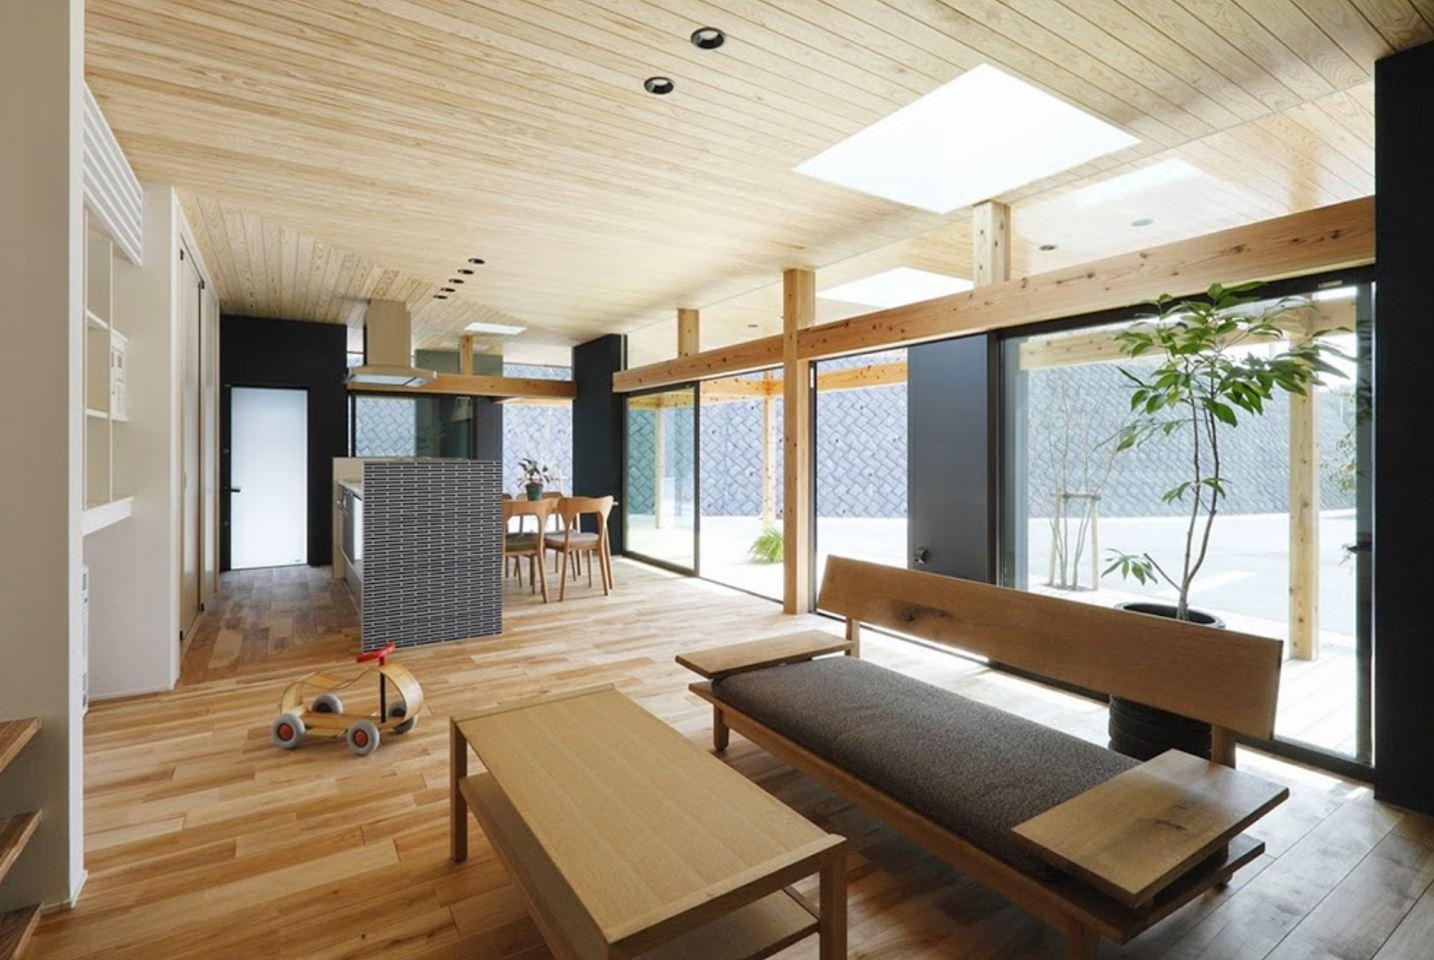 Planos de casas japonesas tradicionales for Casa moderna japonesa